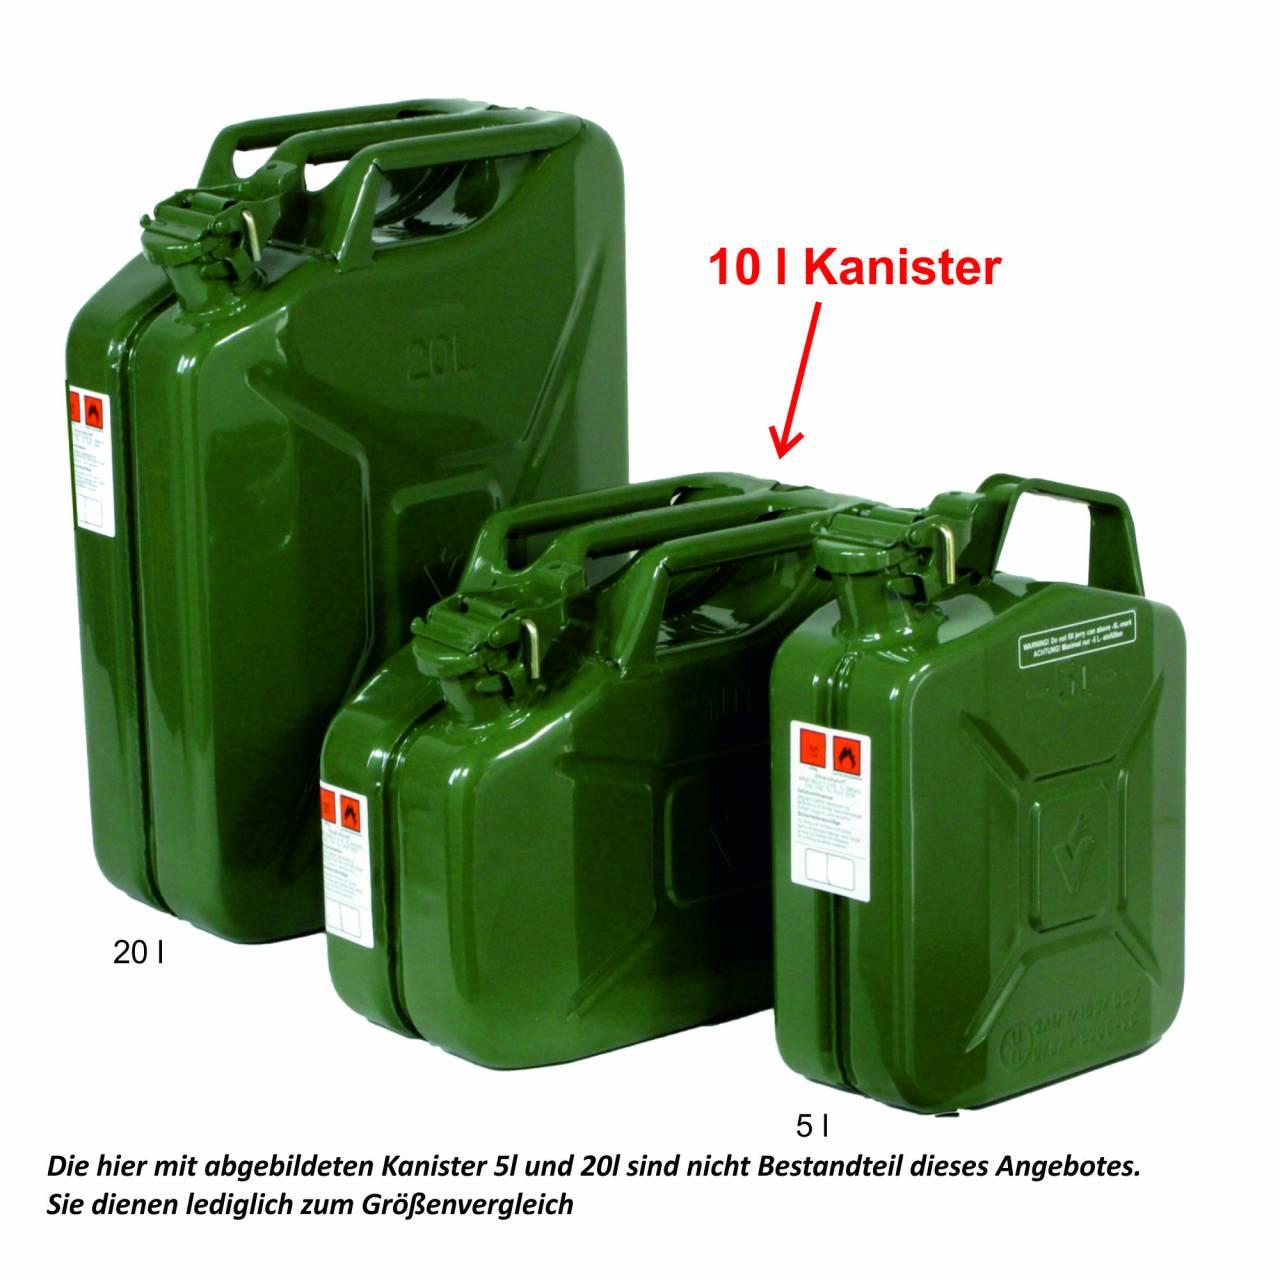 Benzinkanister 10 Liter, TÜV-Bauartprüfung/UN-Zulassung